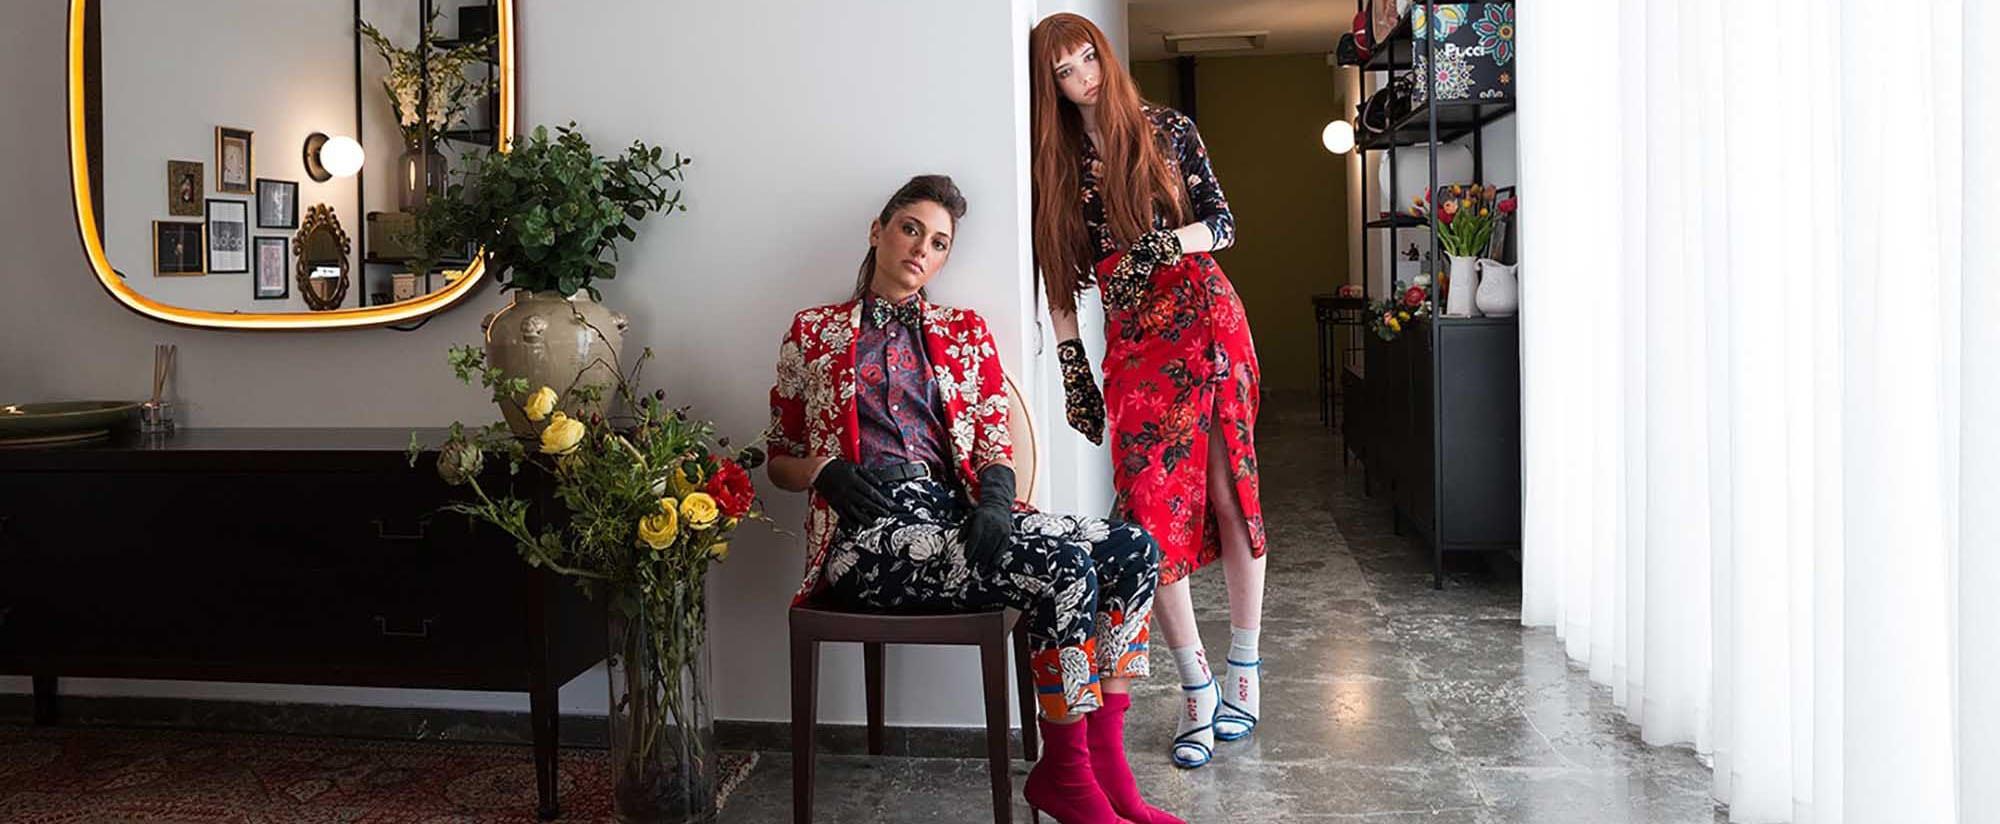 הפקת אופנה ירין שחף, מגזין אופנה